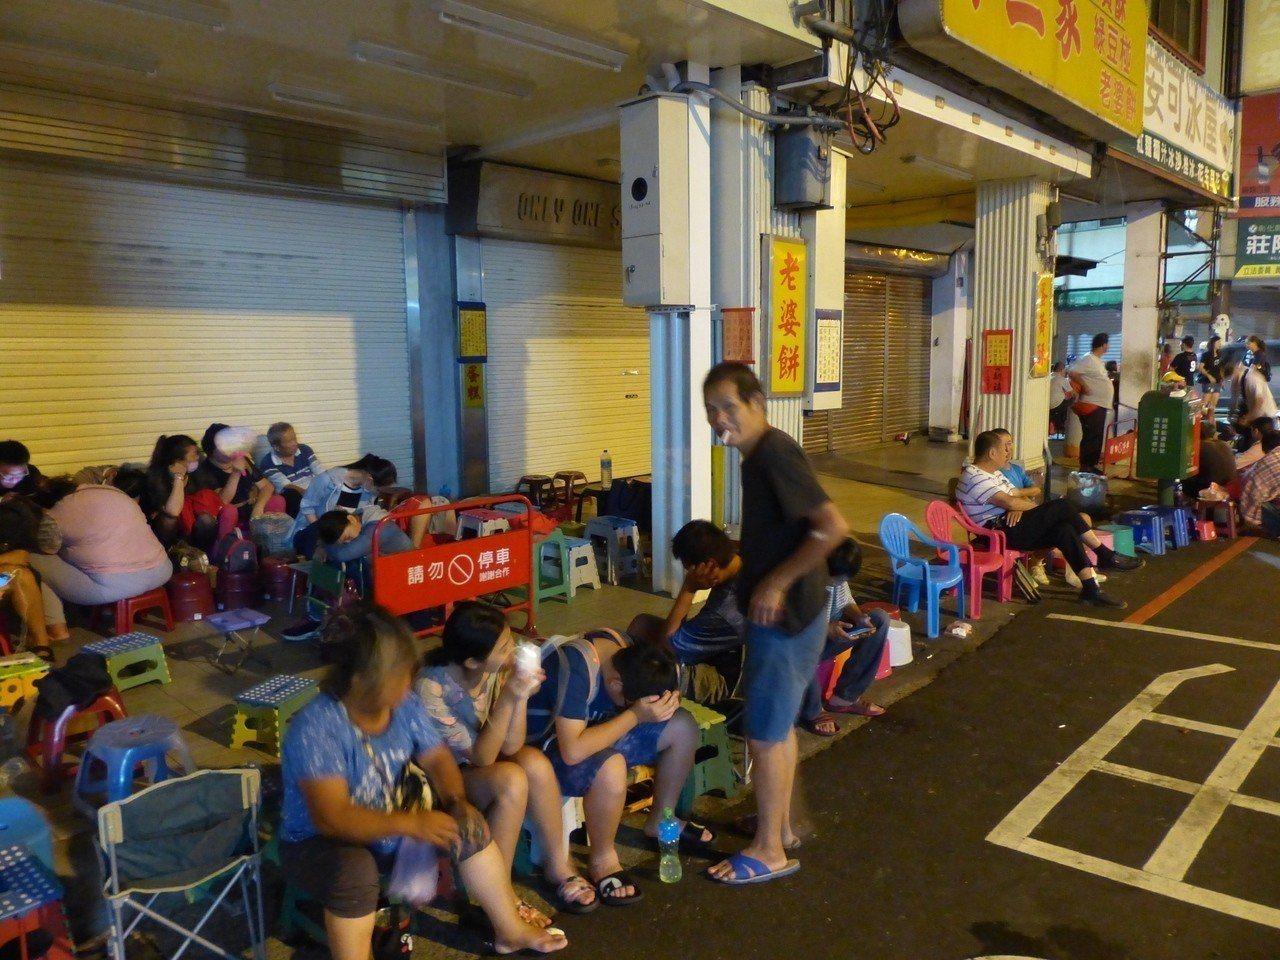 不二家店外的排隊長龍,今天清晨四點就排了兩百多公尺。記者劉明岩/攝影